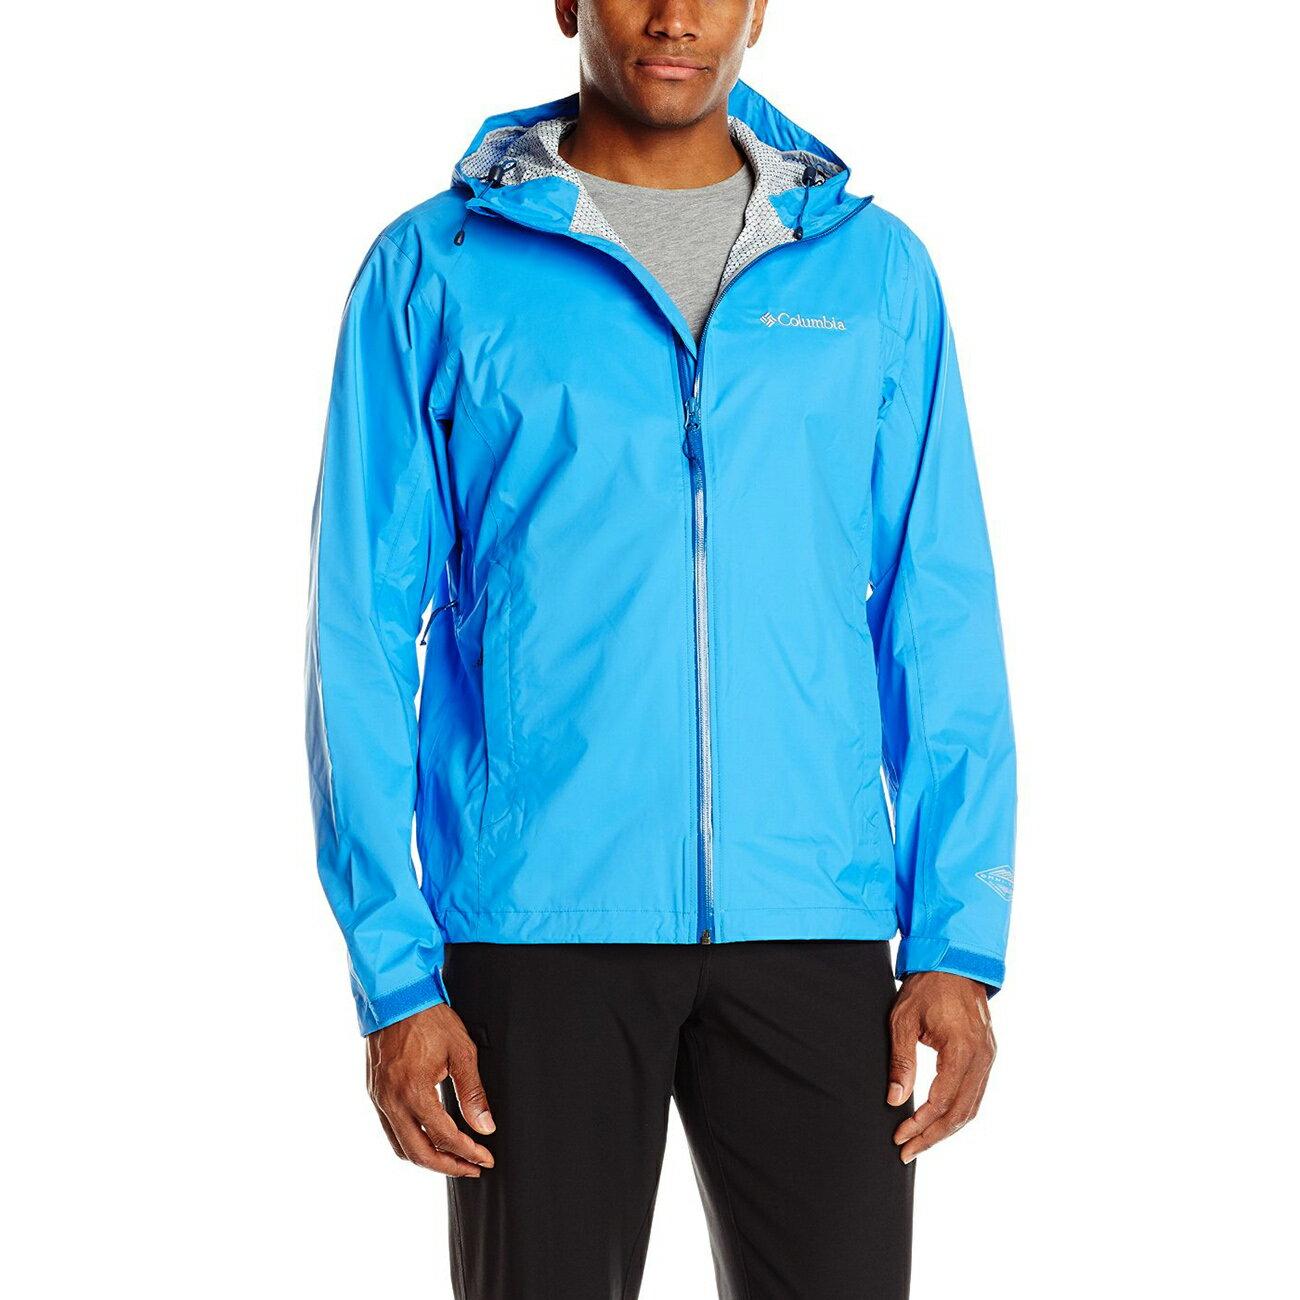 美國百分百【全新真品】Columbia 風衣 外套 哥倫比亞 防雨 多功能 防水 防污 防風 輕量 藍色 S號 F752